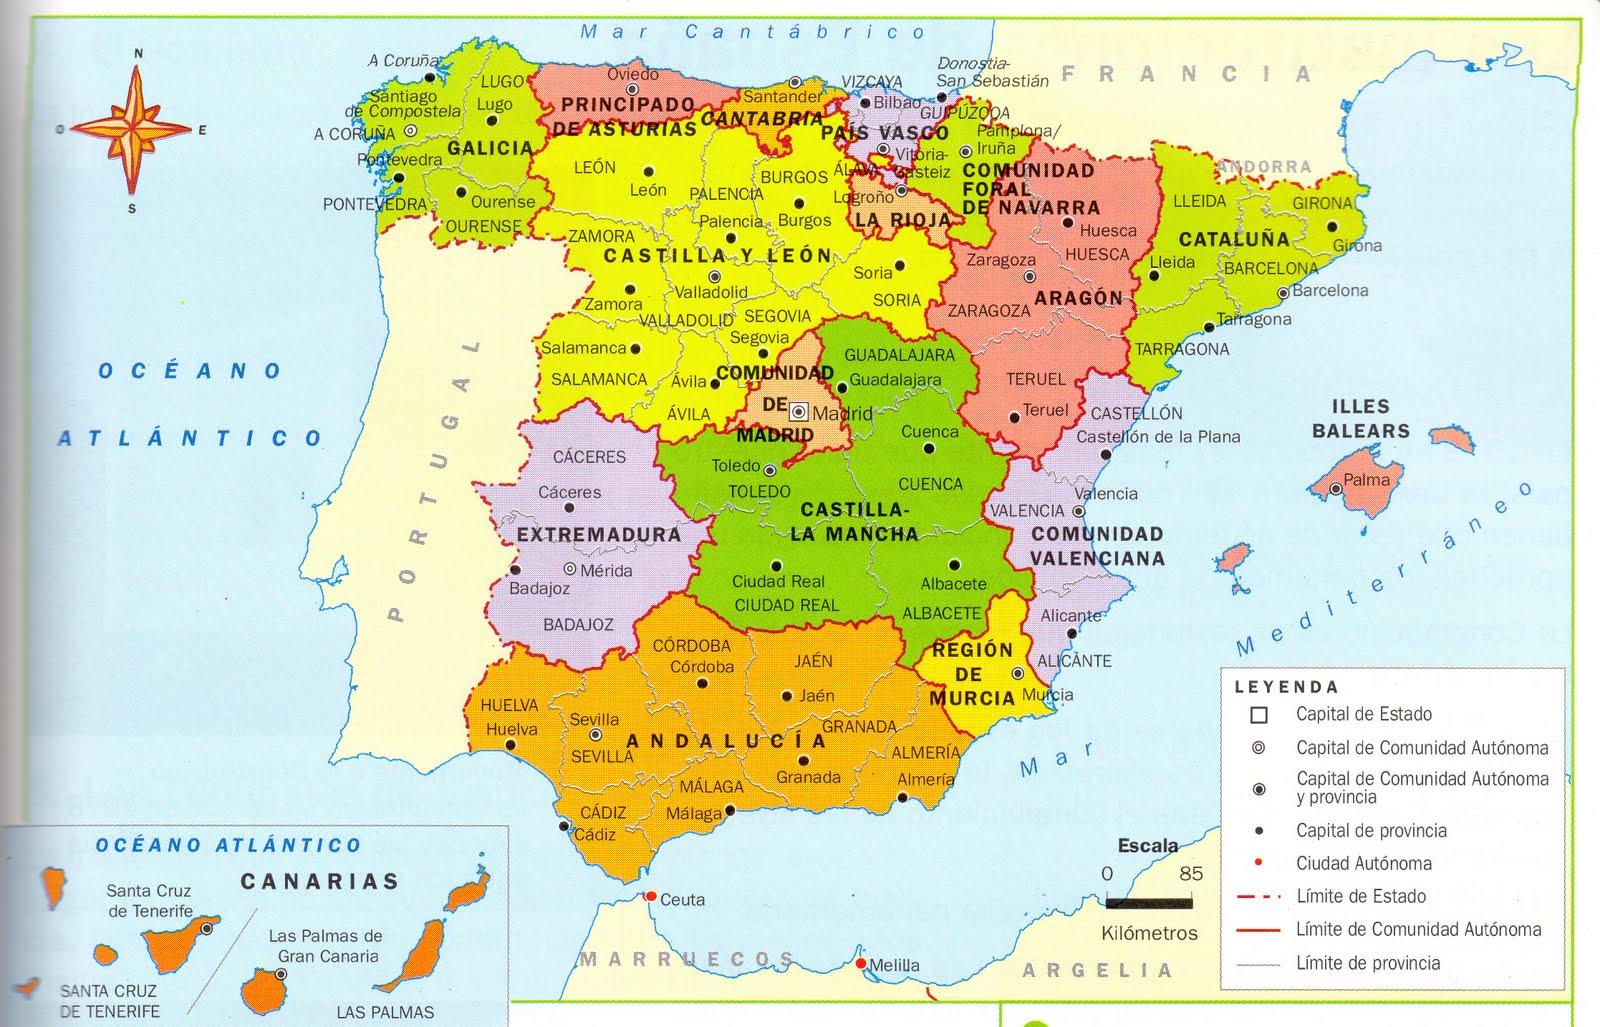 Mapa De España Actualizado.Mapas De Espana Para Descargar E Imprimir Completamente